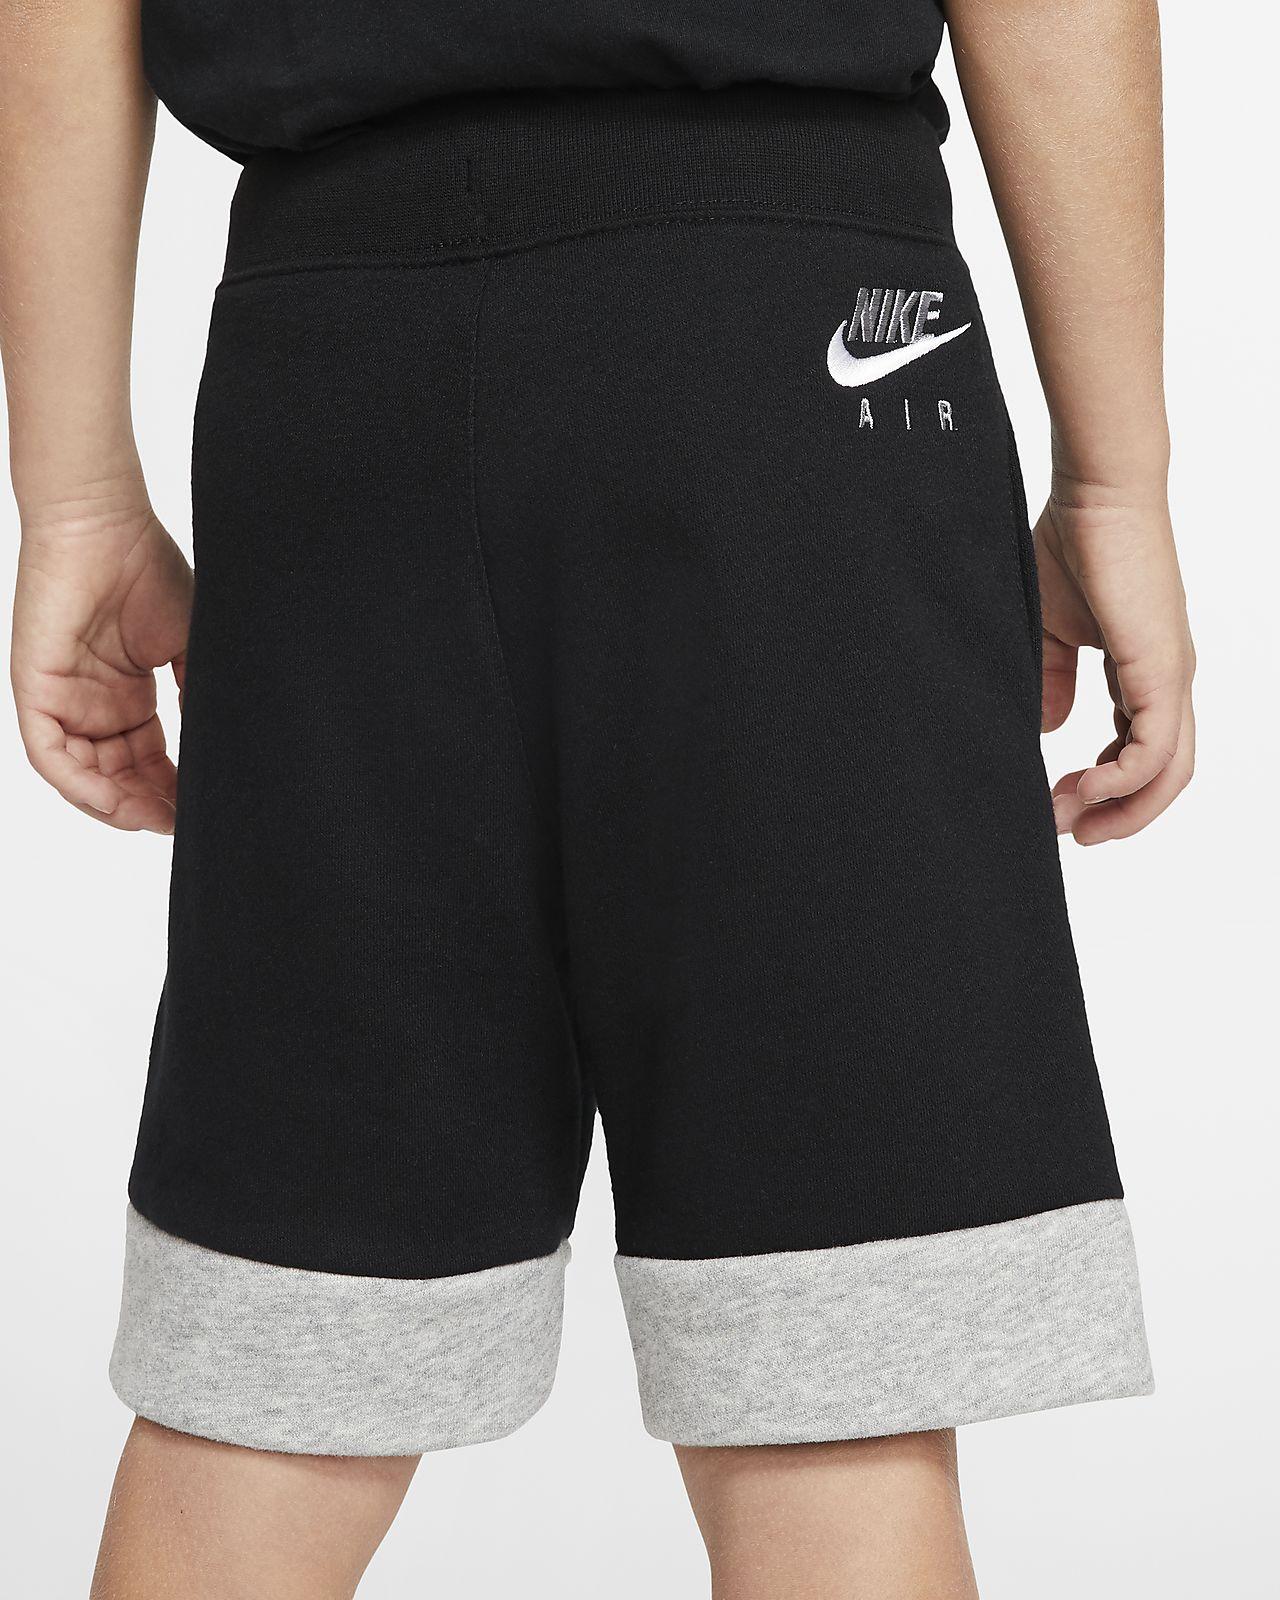 Shorts Nike French Terry Alumni Bambino